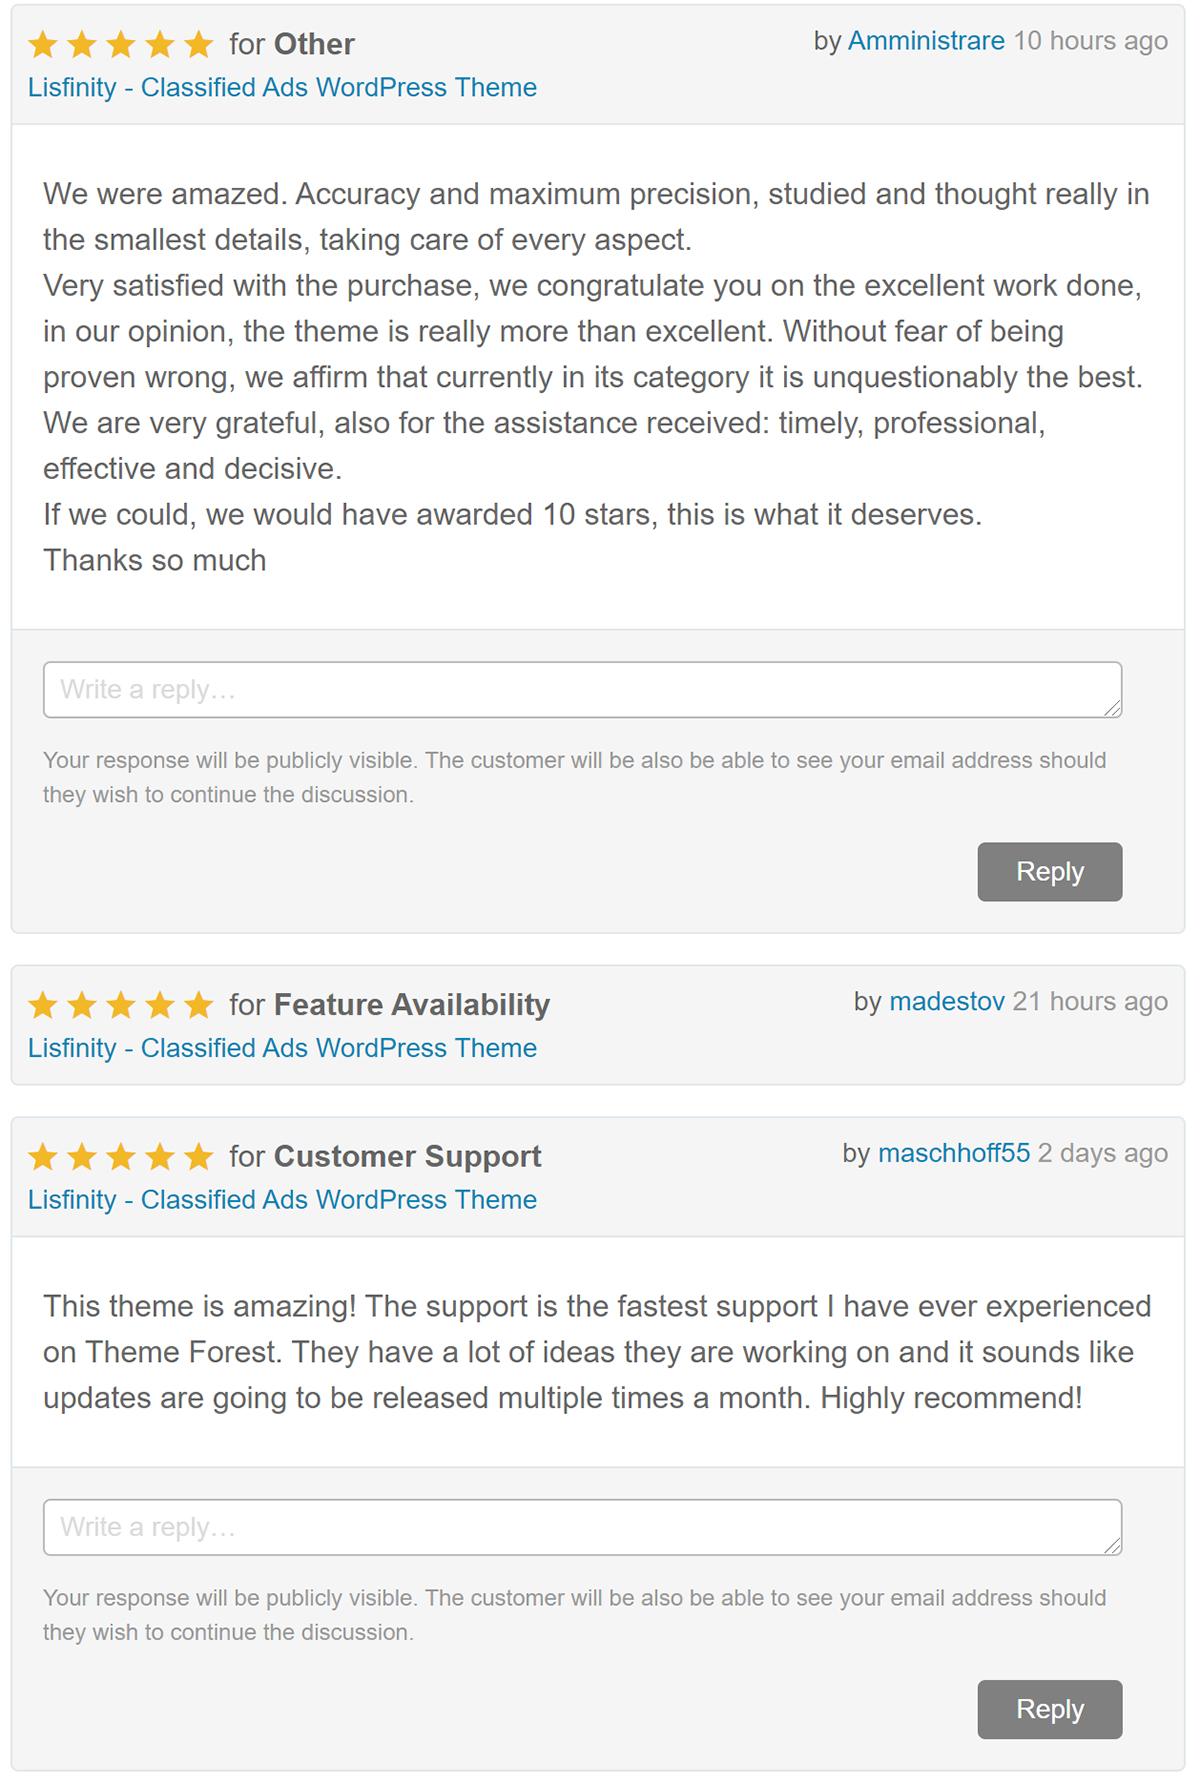 Lisfinity - Classified Ads WordPress Theme - 2